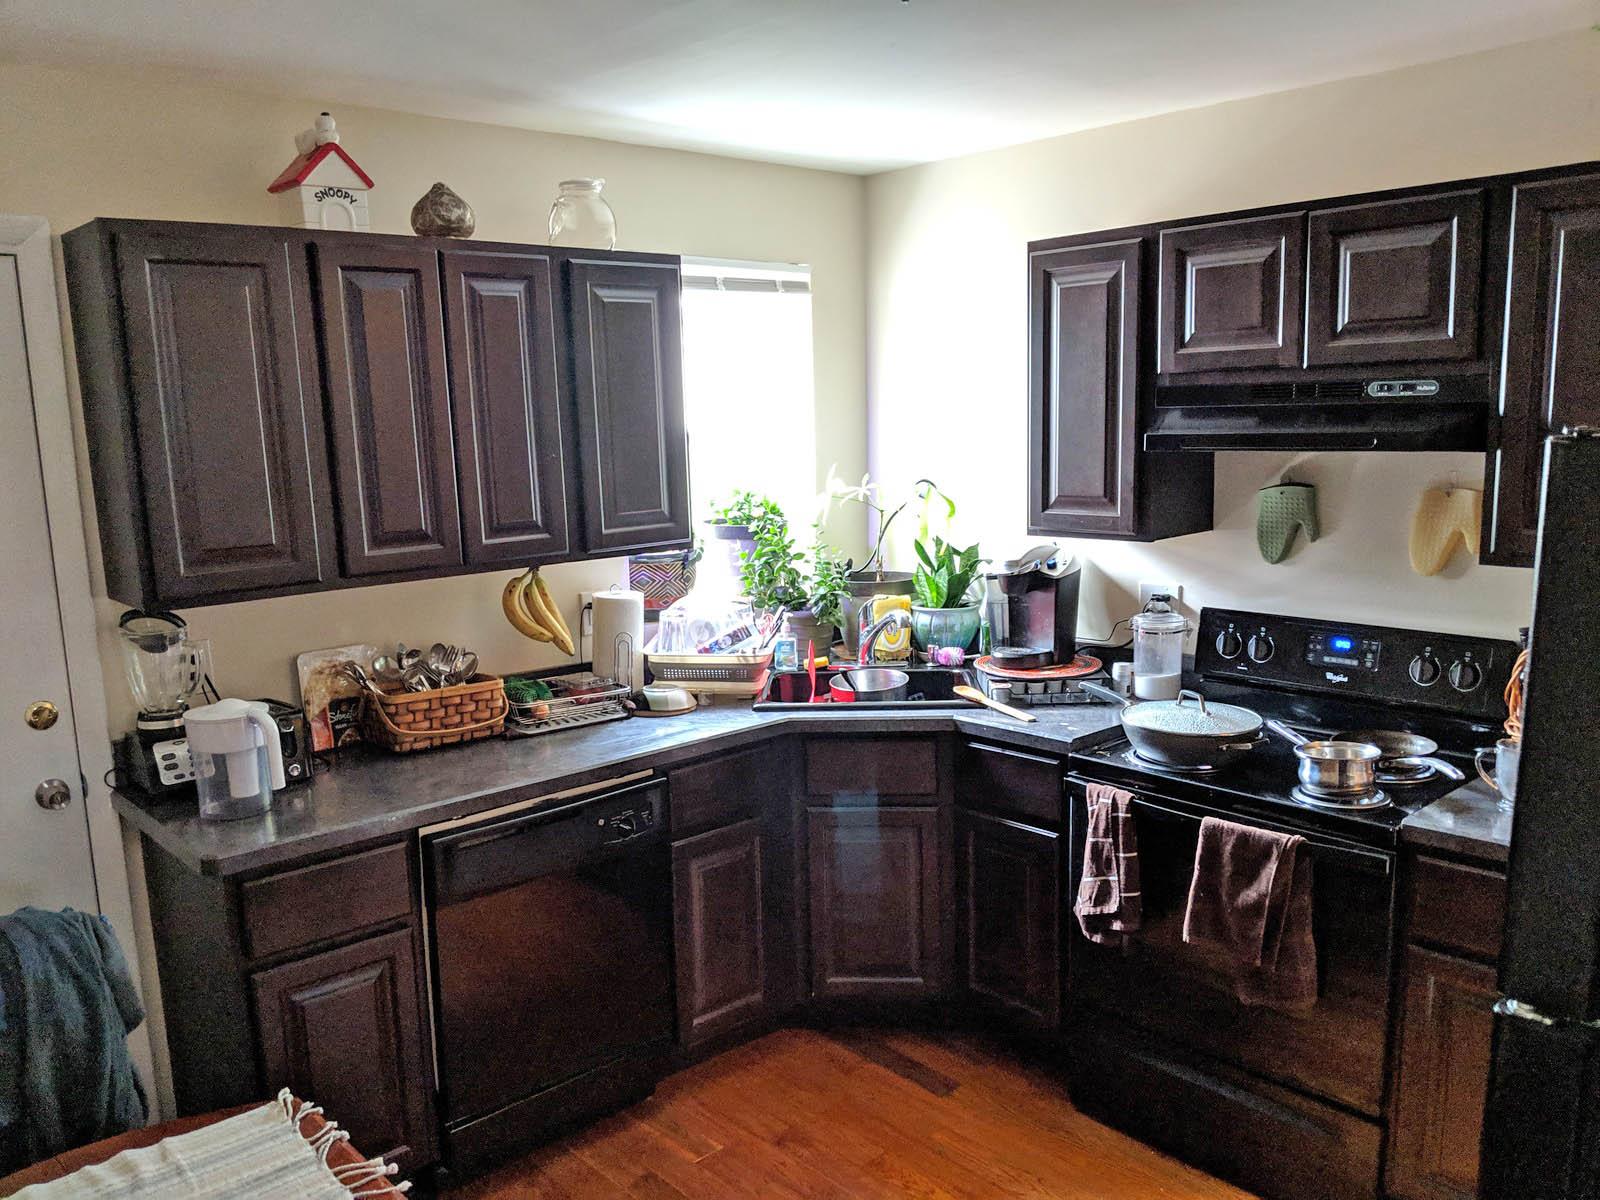 232 2307 Kitchen